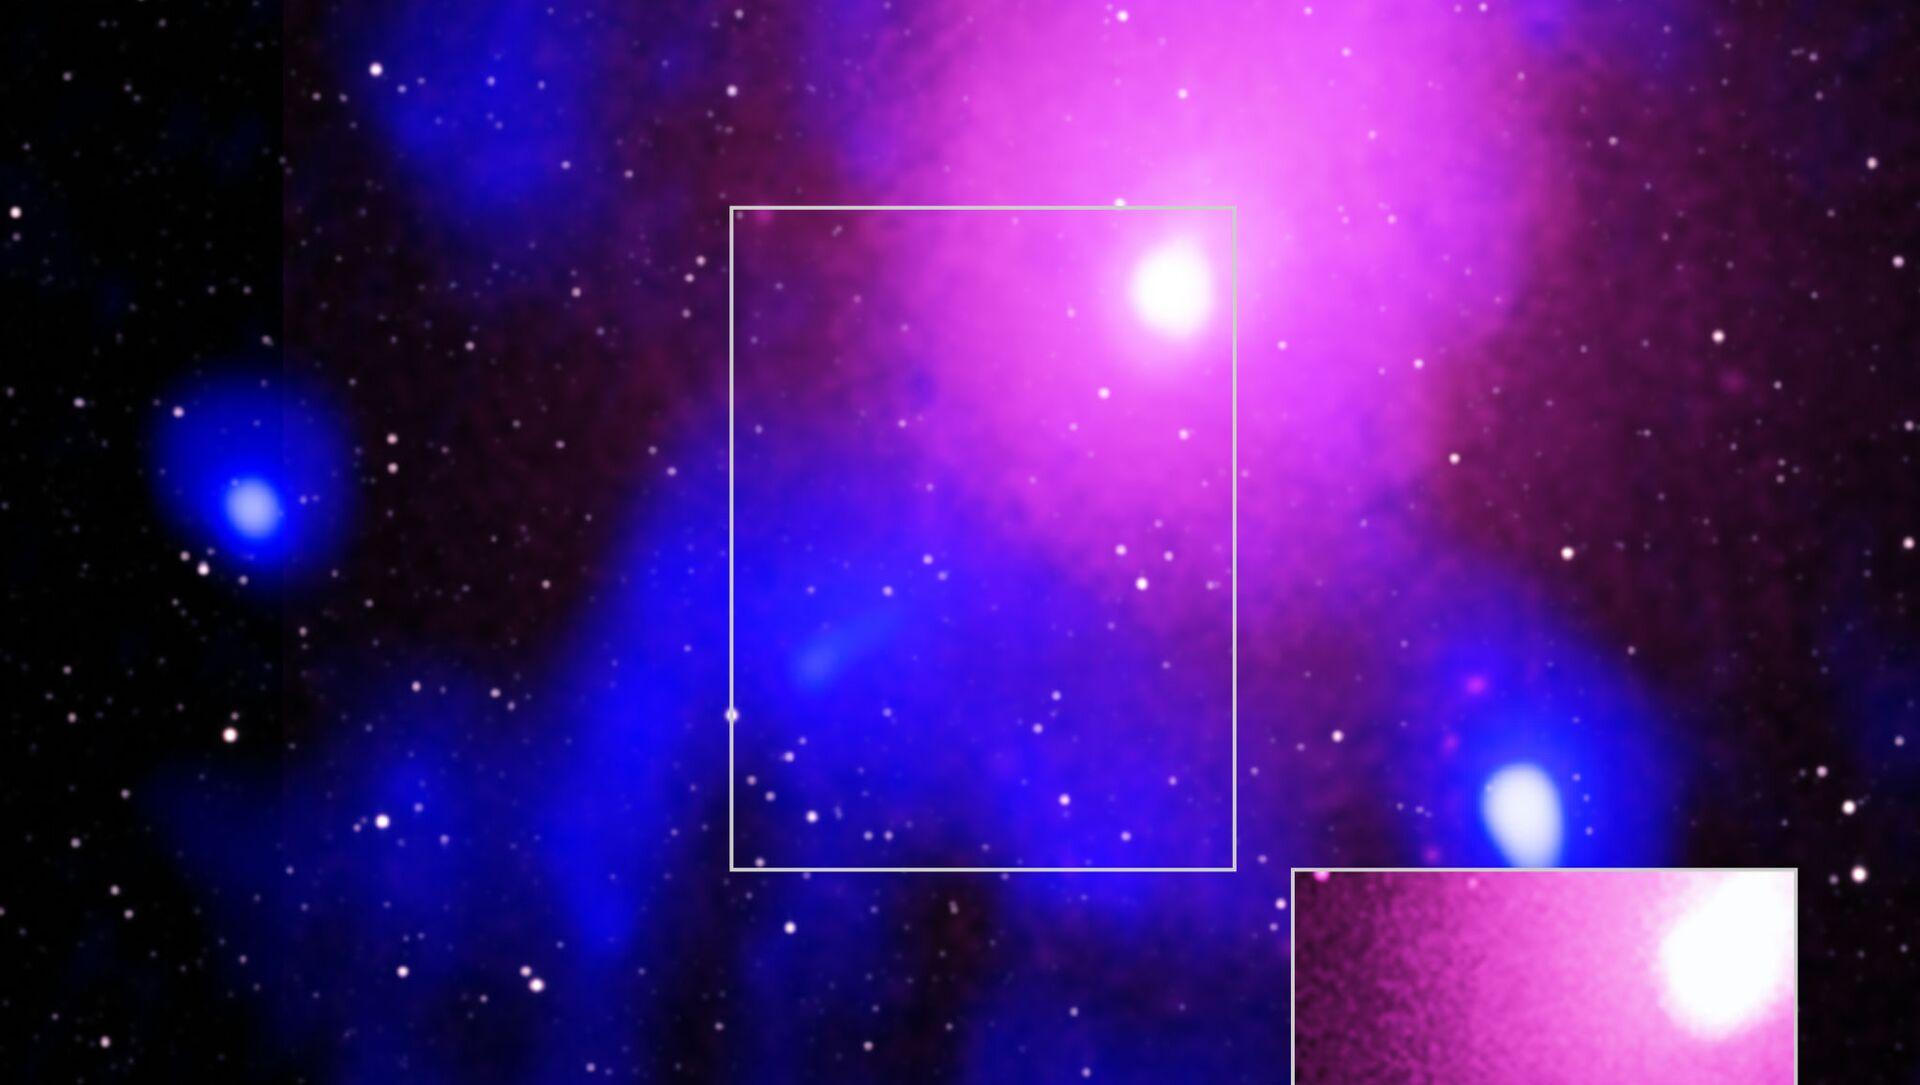 La più grande esplosione nella Storia dell'Universo dopo il Big Bang (Ophiuchus) - Sputnik Italia, 1920, 03.04.2021